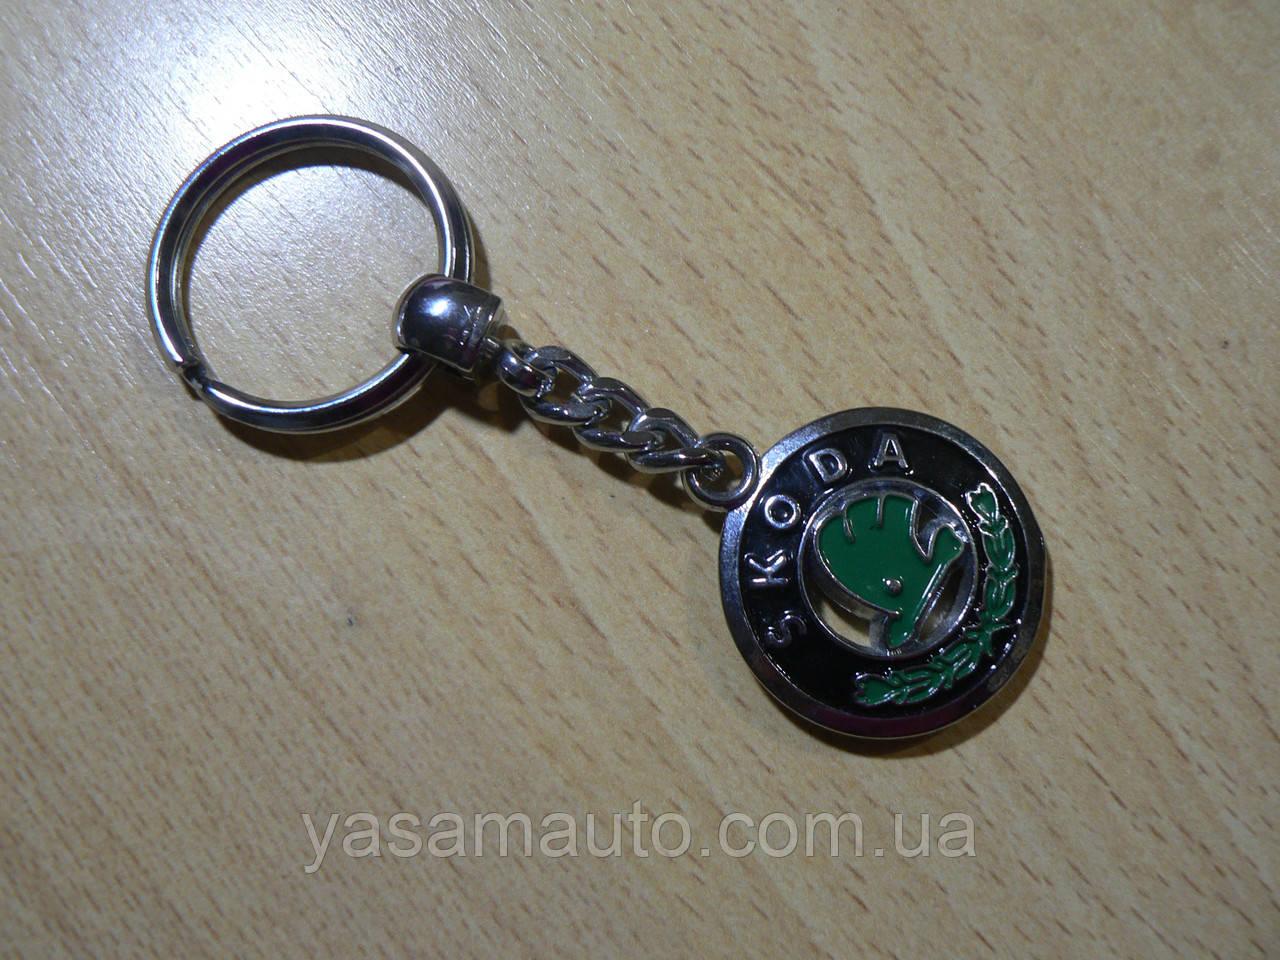 Брелок металлический Skoda 50г 95мм №1 есть мазки черной краски эмблема Шкода на авто ключи окрашен дорогой